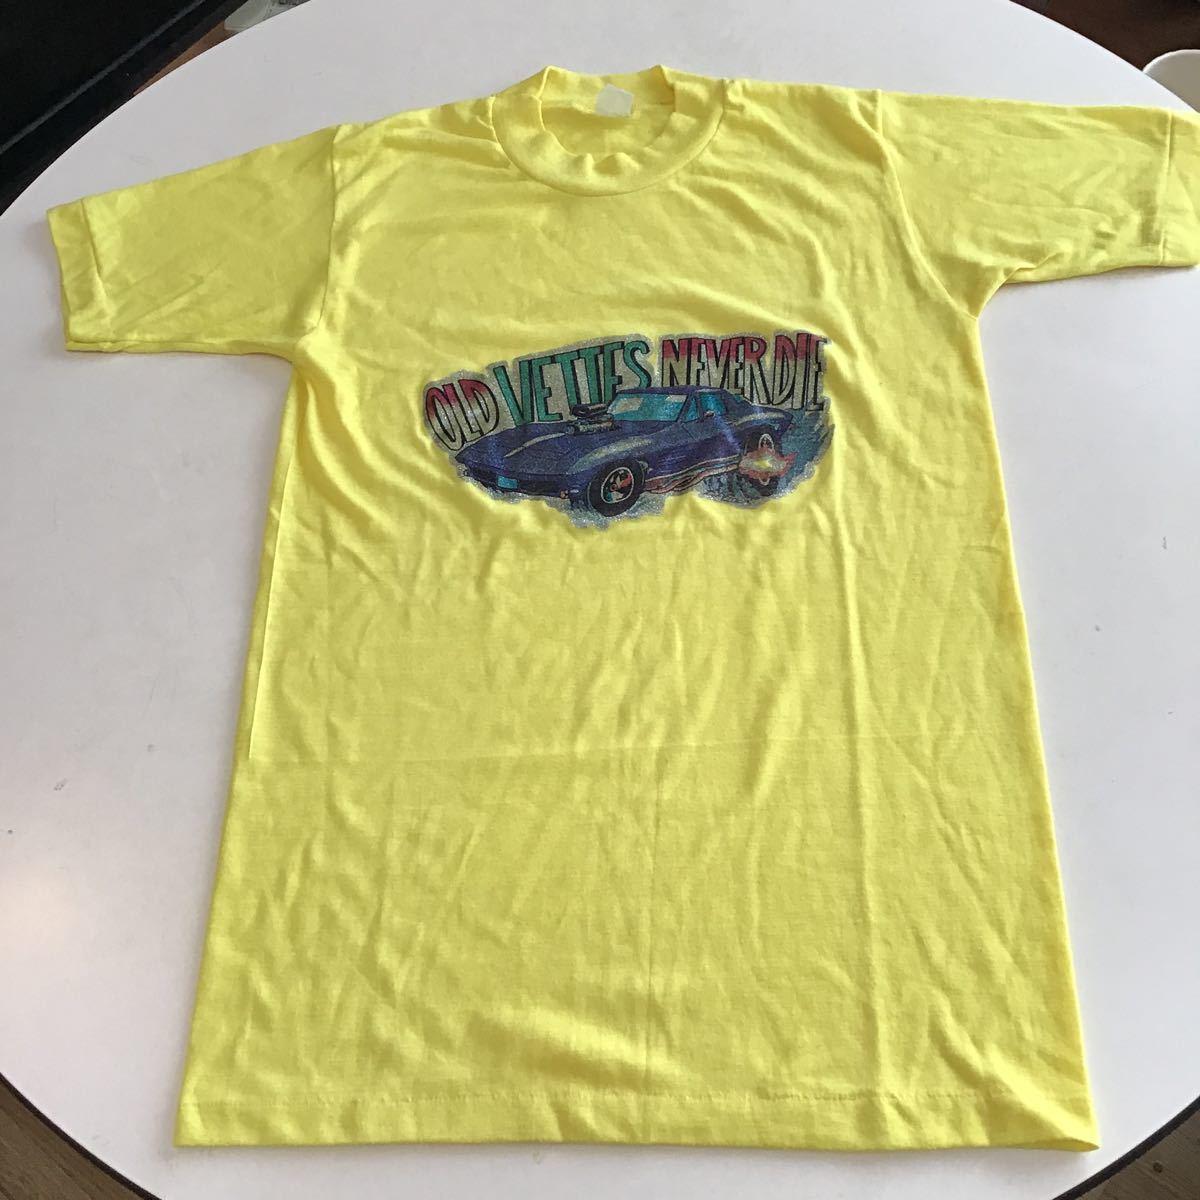 ビンテージプリントTシャツ古着アメカジUSAF&E70年代マイフリーダムアメ車_画像3